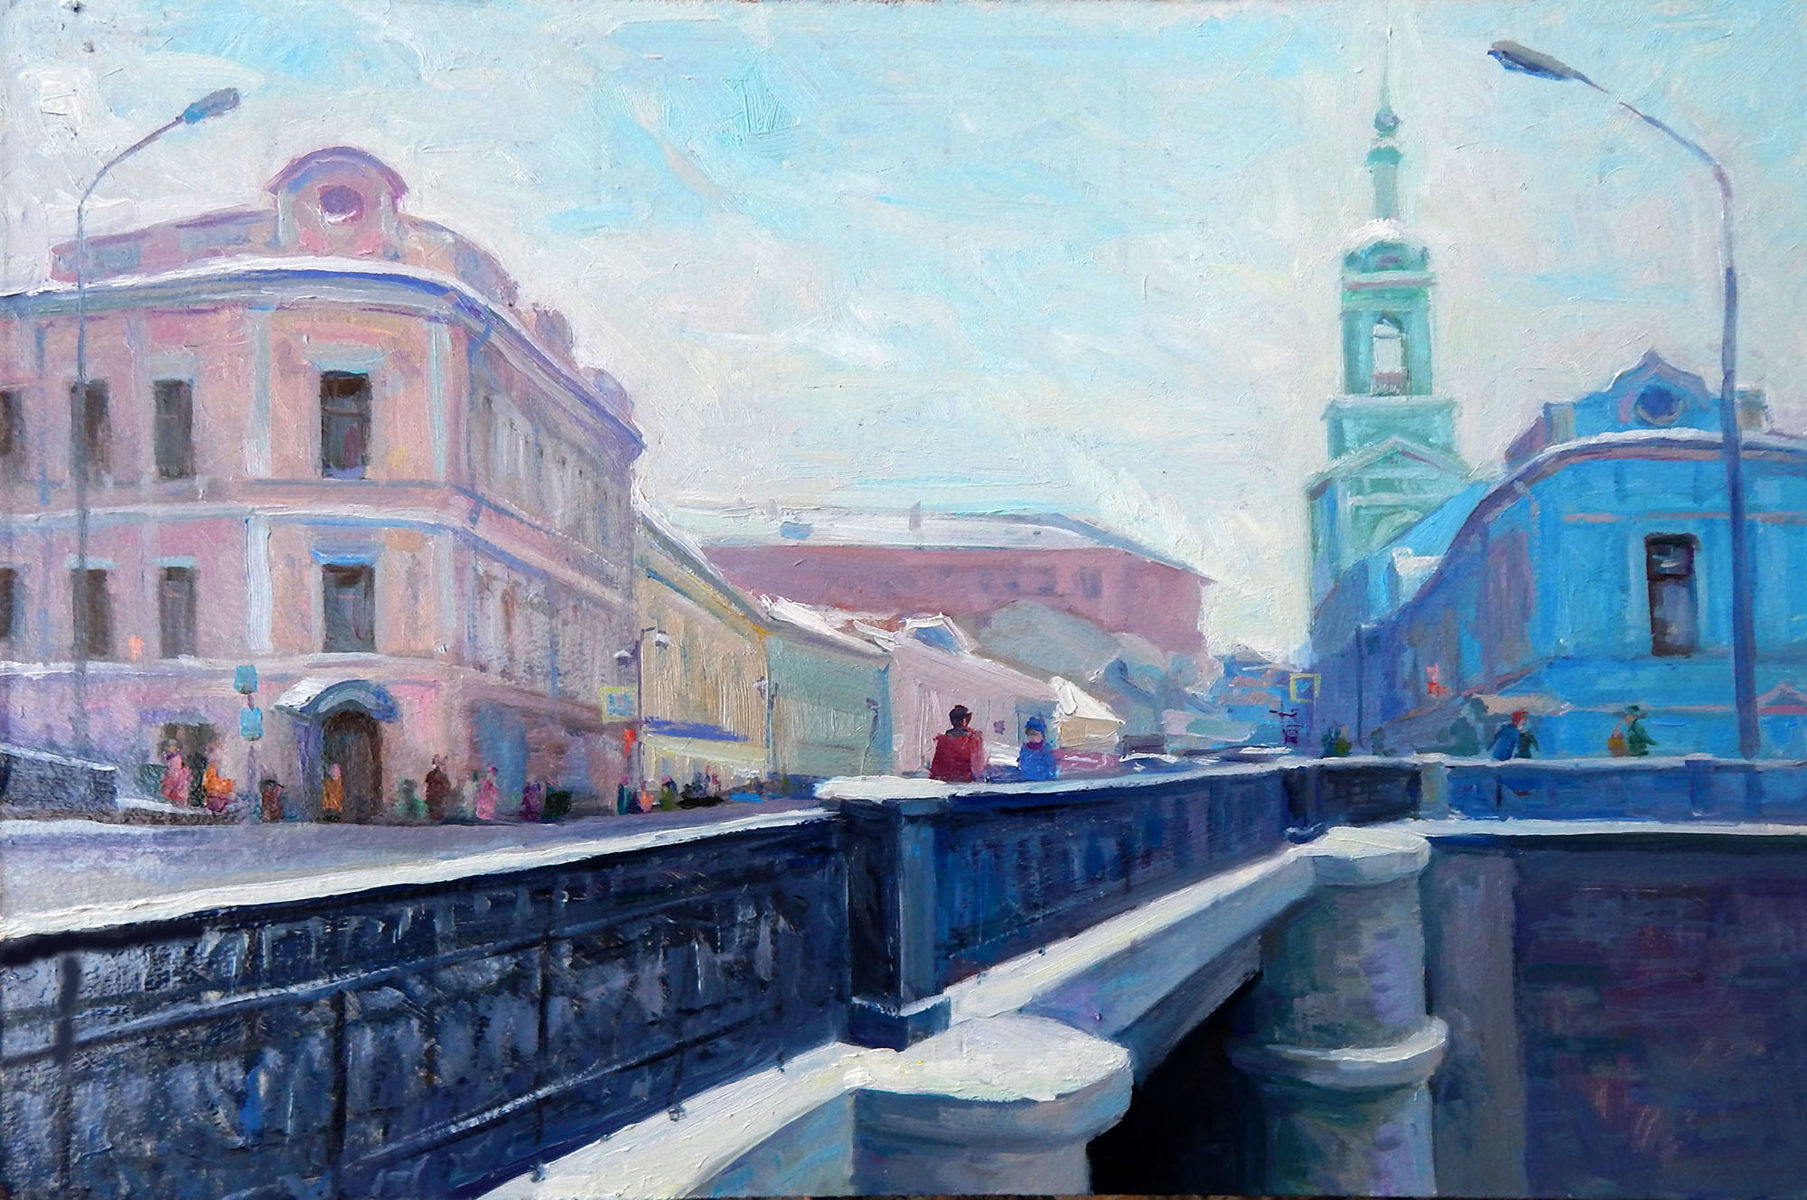 Выставка «Традиции, мастерство, искусство» – события на сайте «Московские Сезоны»